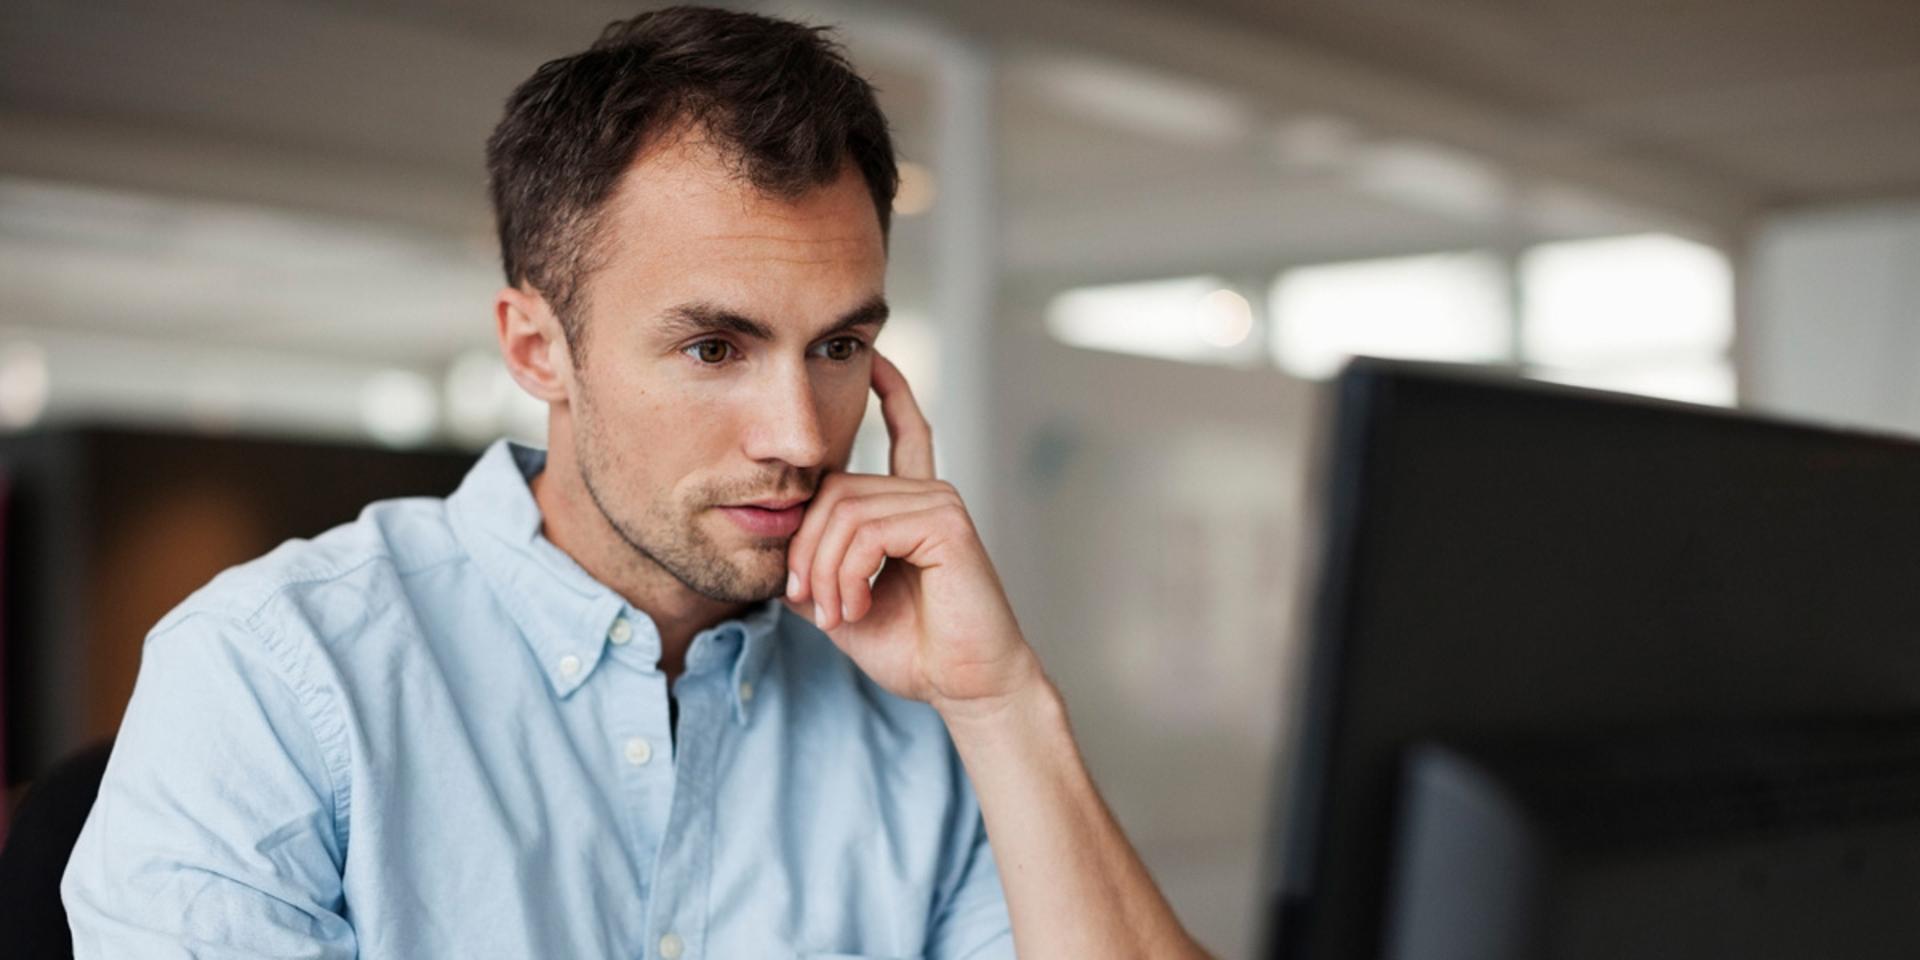 Personalvermittlung von Helpdesk & Servicedesk Mitarbeitern direkt & in Zeitarbeit